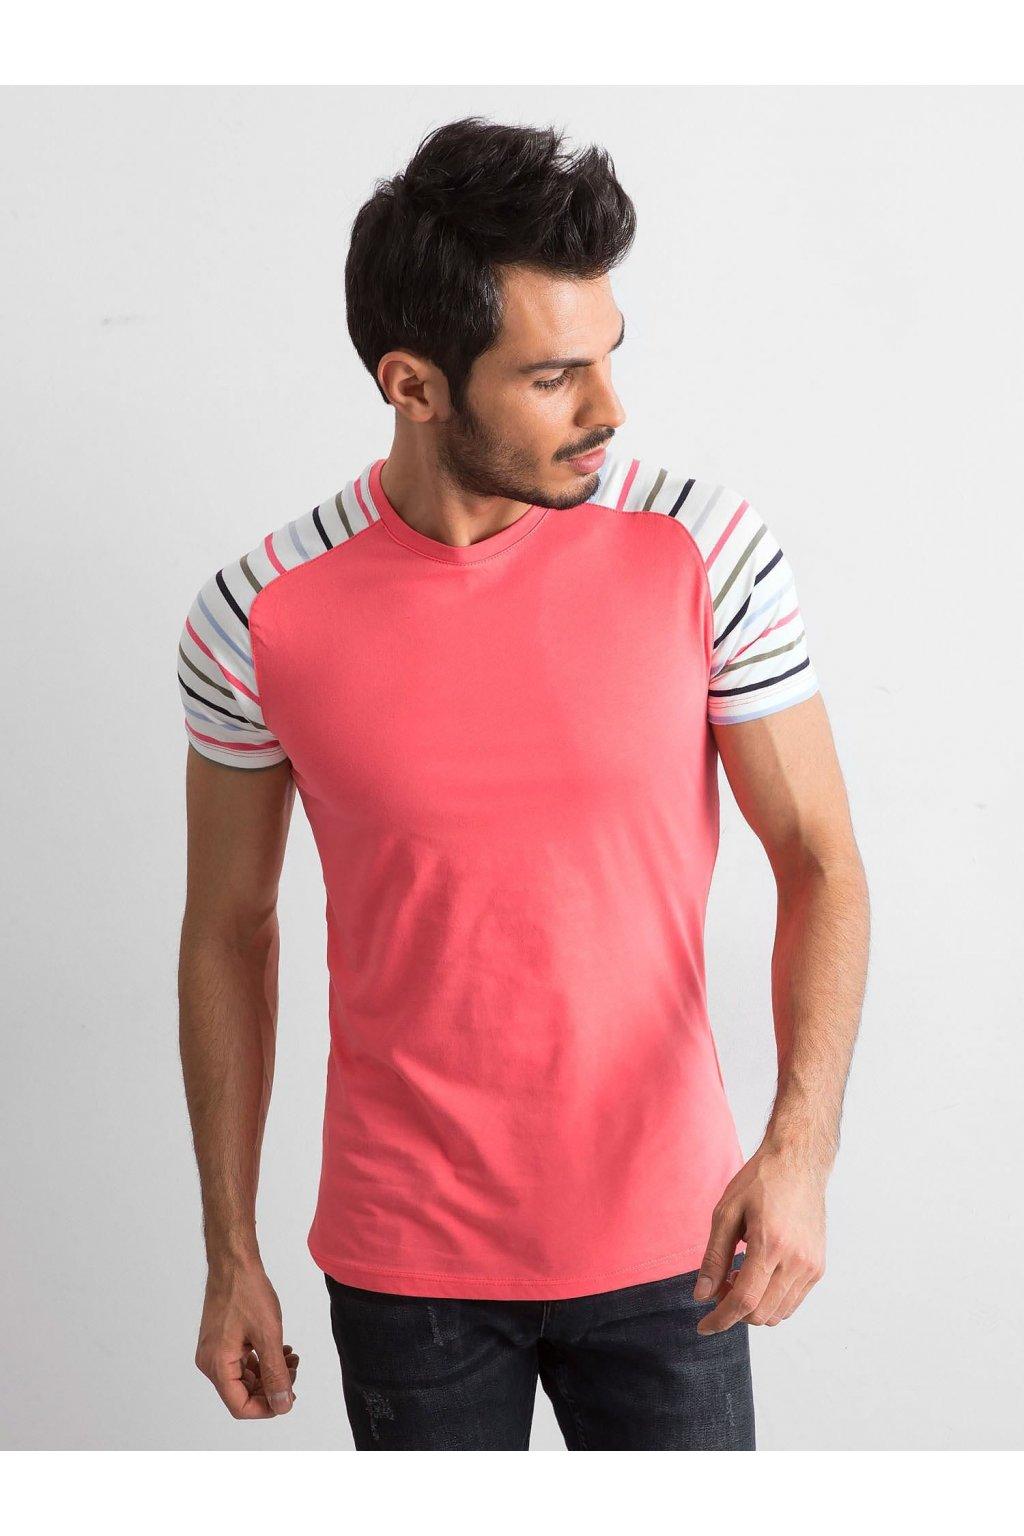 Tričko t-shirt kód M019Y03057231